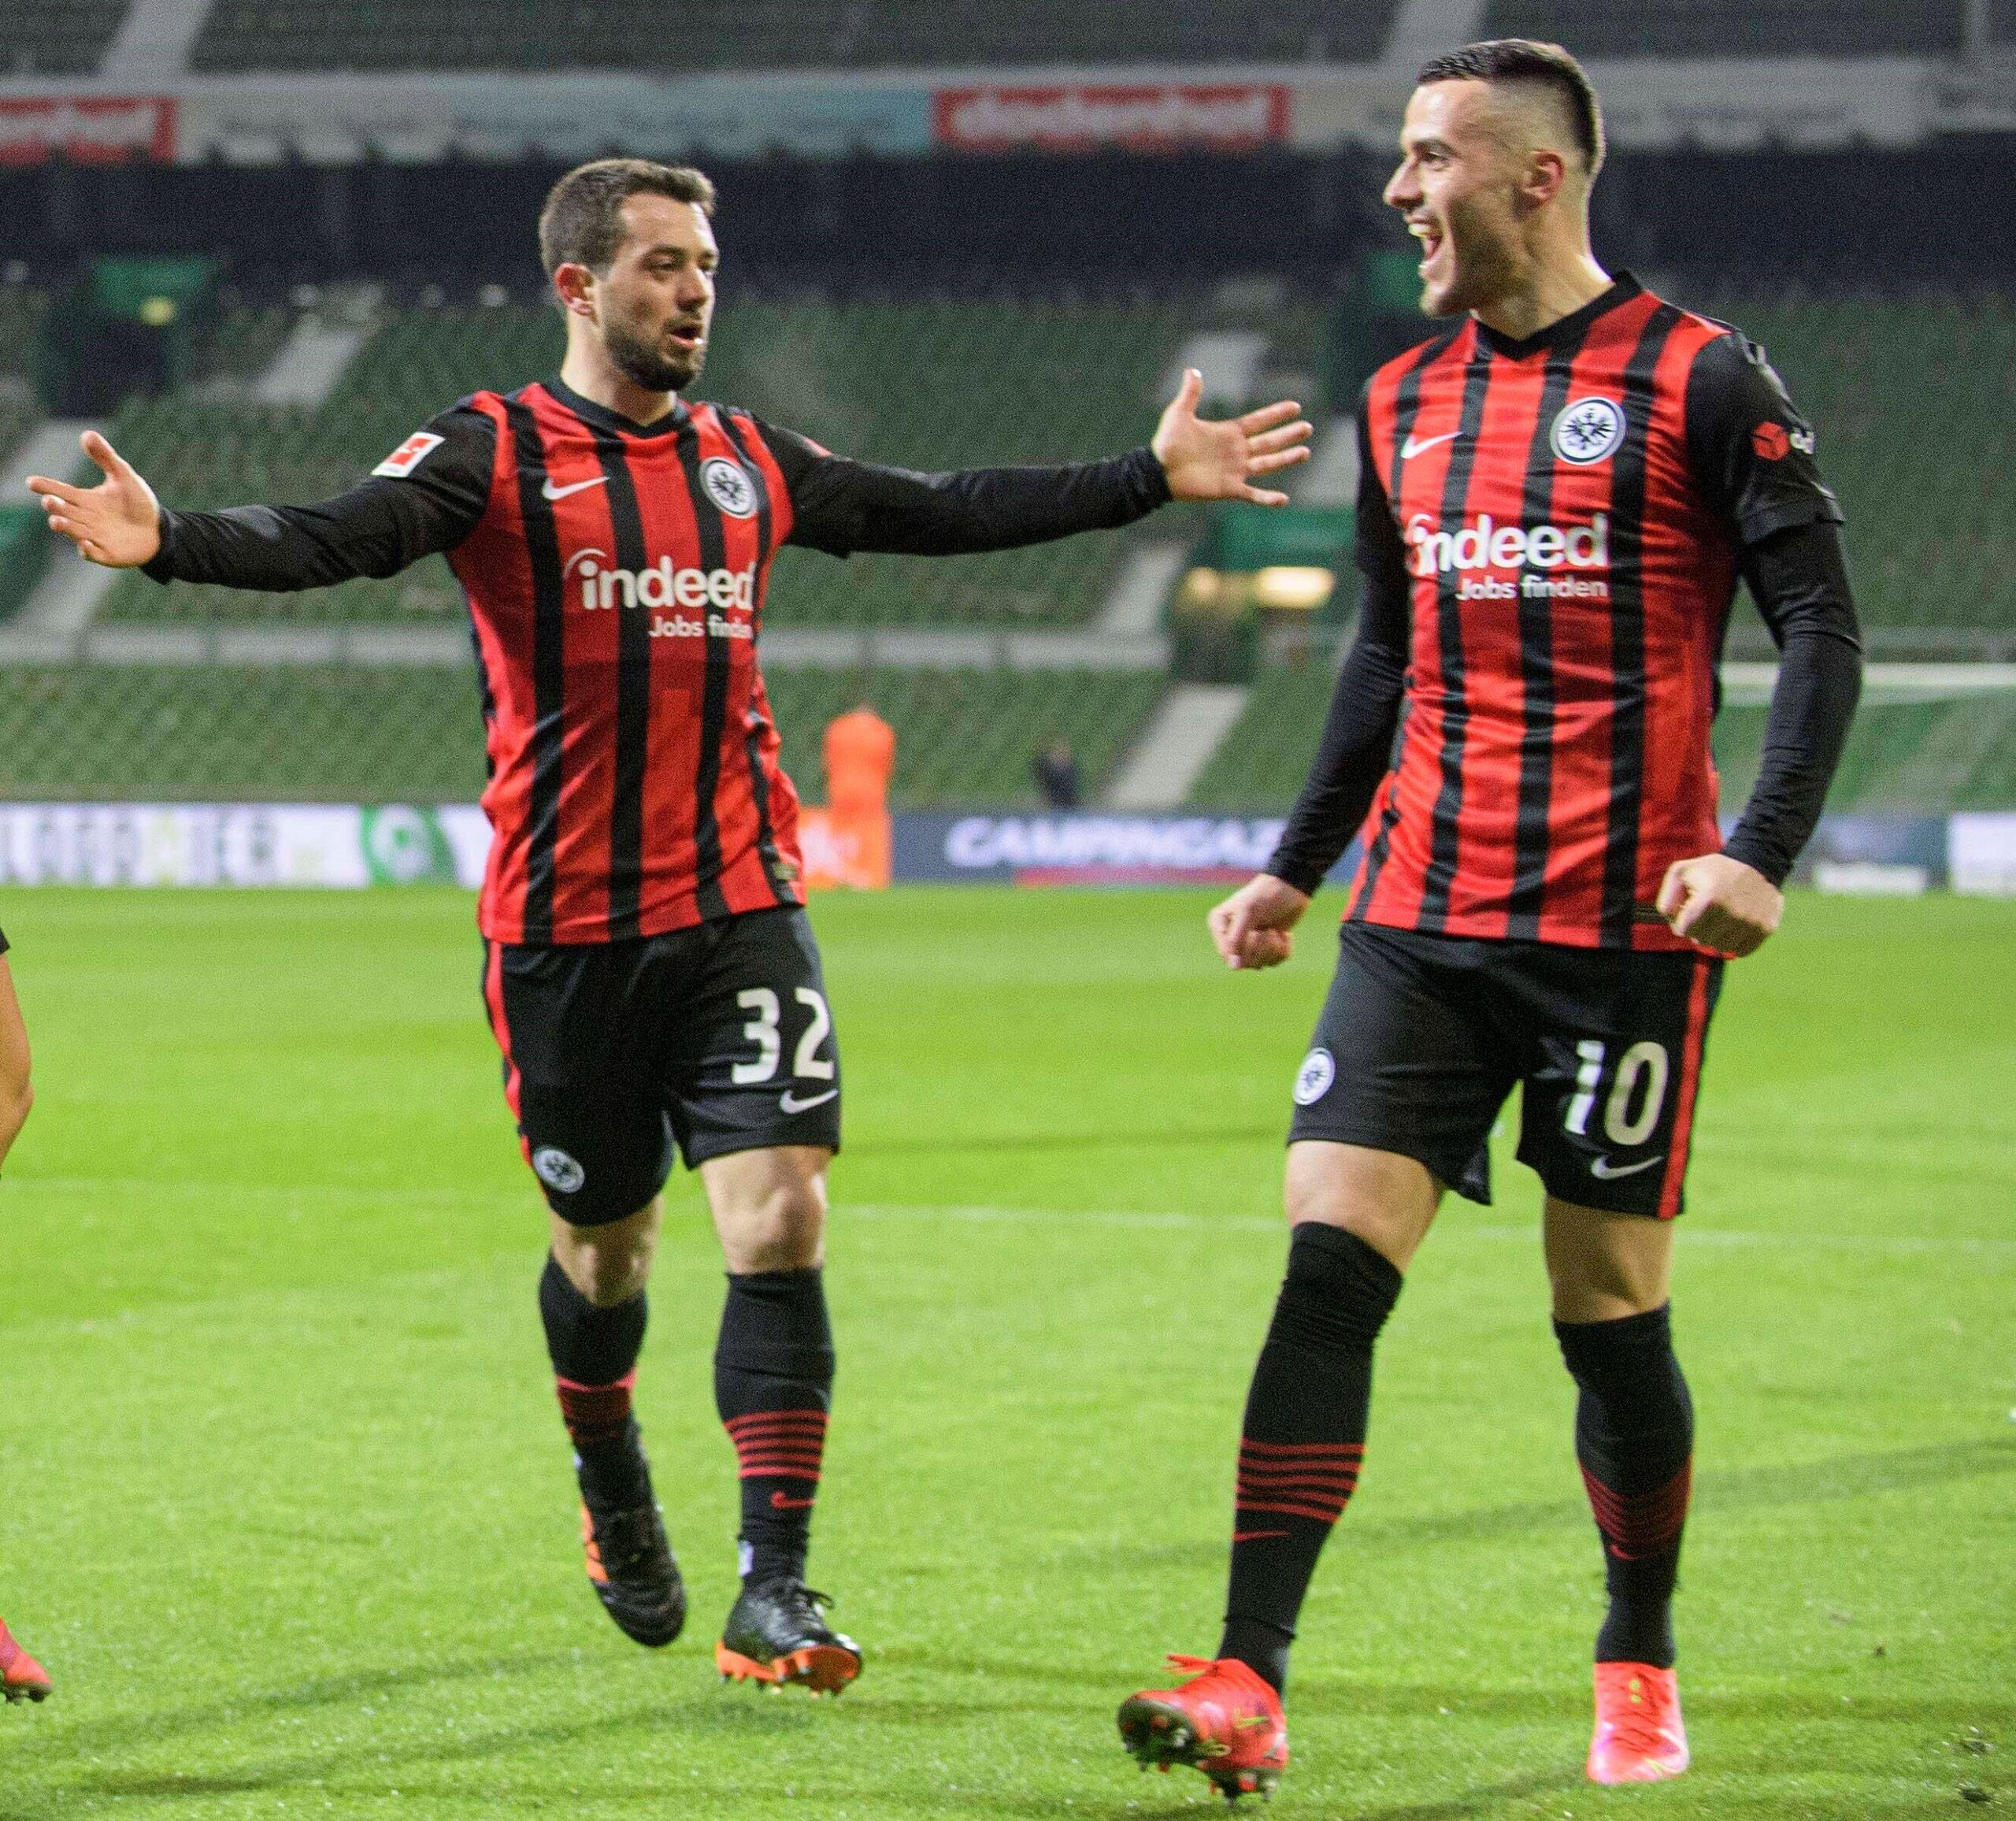 Más allá de su interés, Amin Younes y Filip Kostic permanecerán en Eintracht Frankfurt. Foto: Imago.